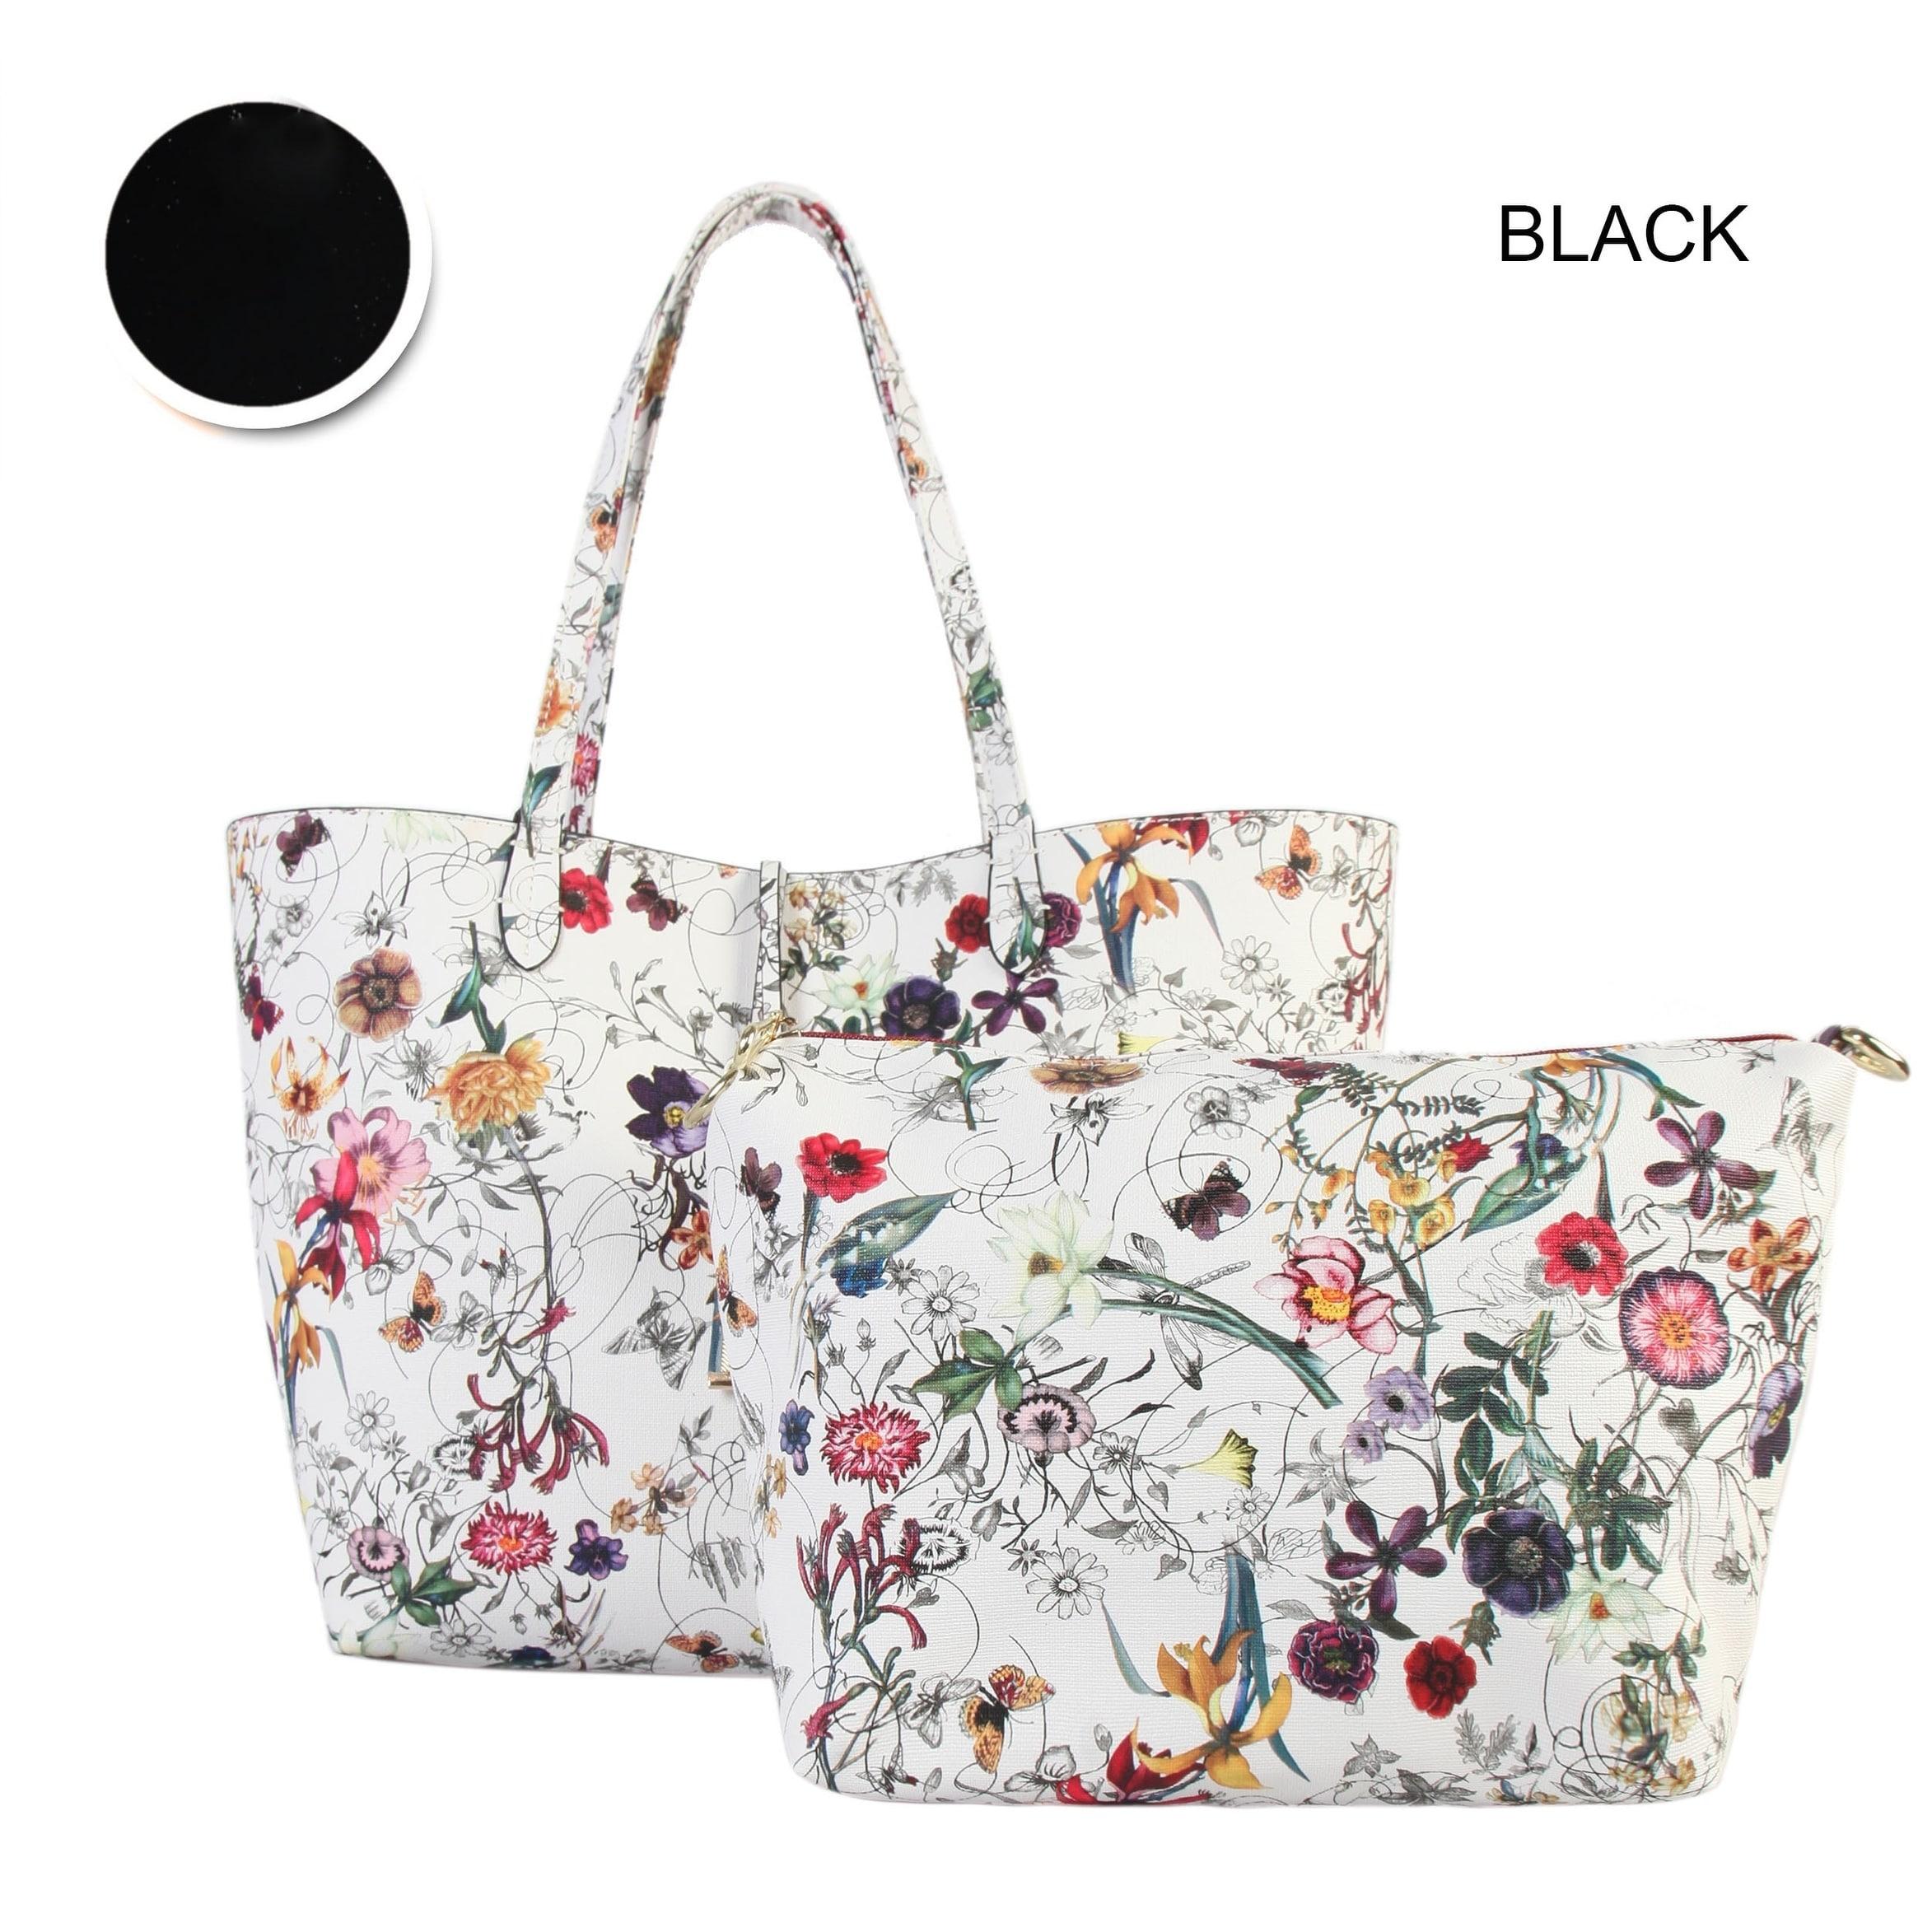 Black Handbags Shop Our Best Clothing Shoes Deals Online At Katespade Adrien Large Two Tone Authentic